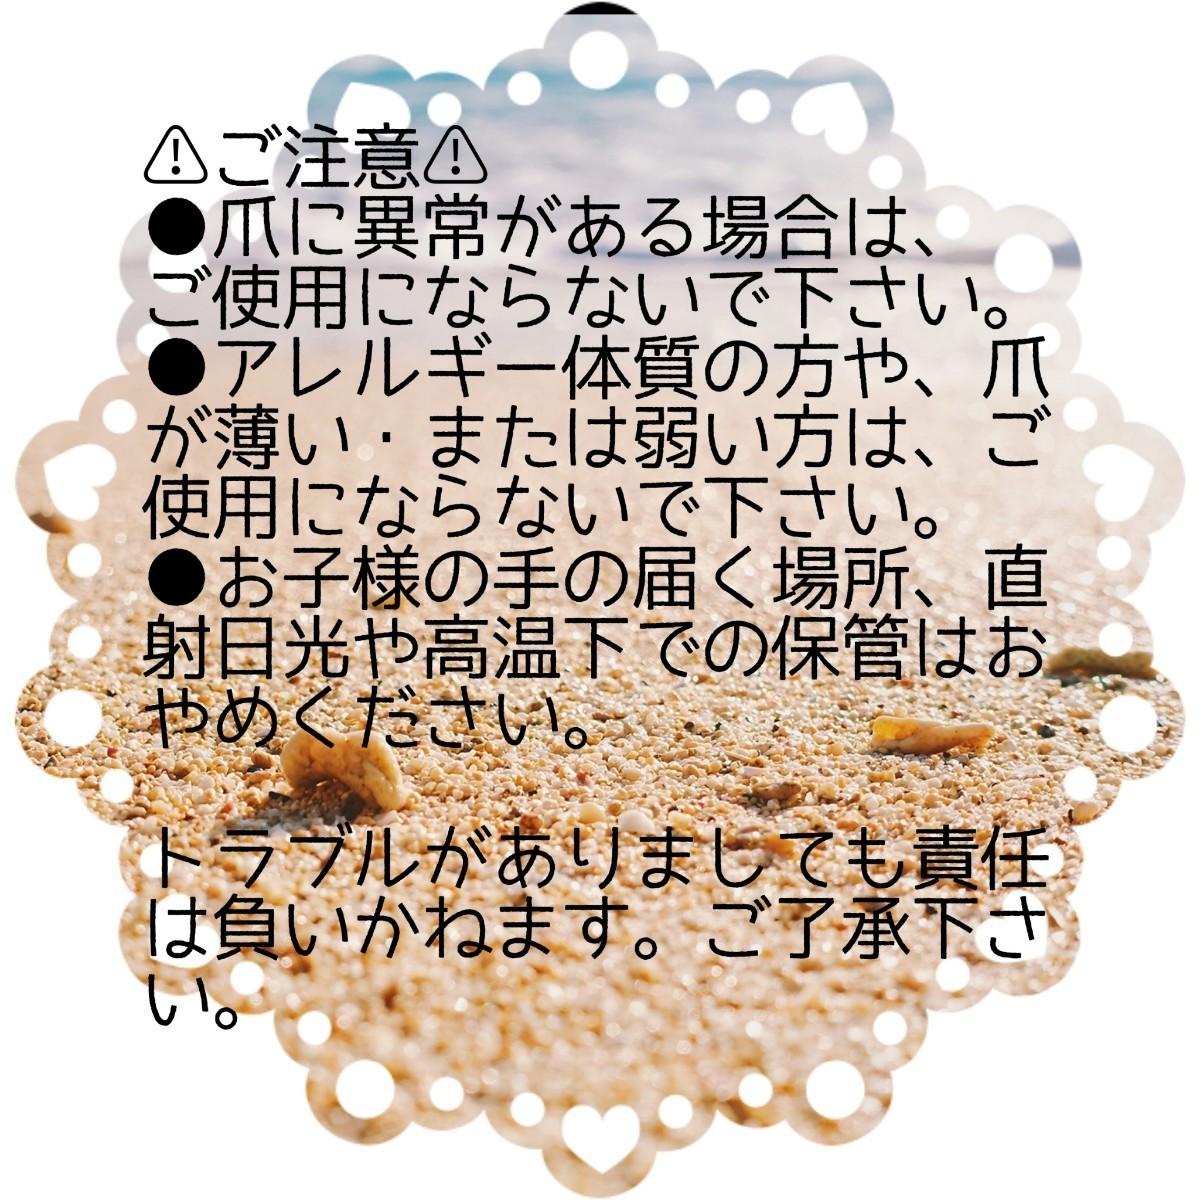 ネイルシール3枚セット 花柄 フラワー ピンク 簡単ジェルネイル風 フットシール